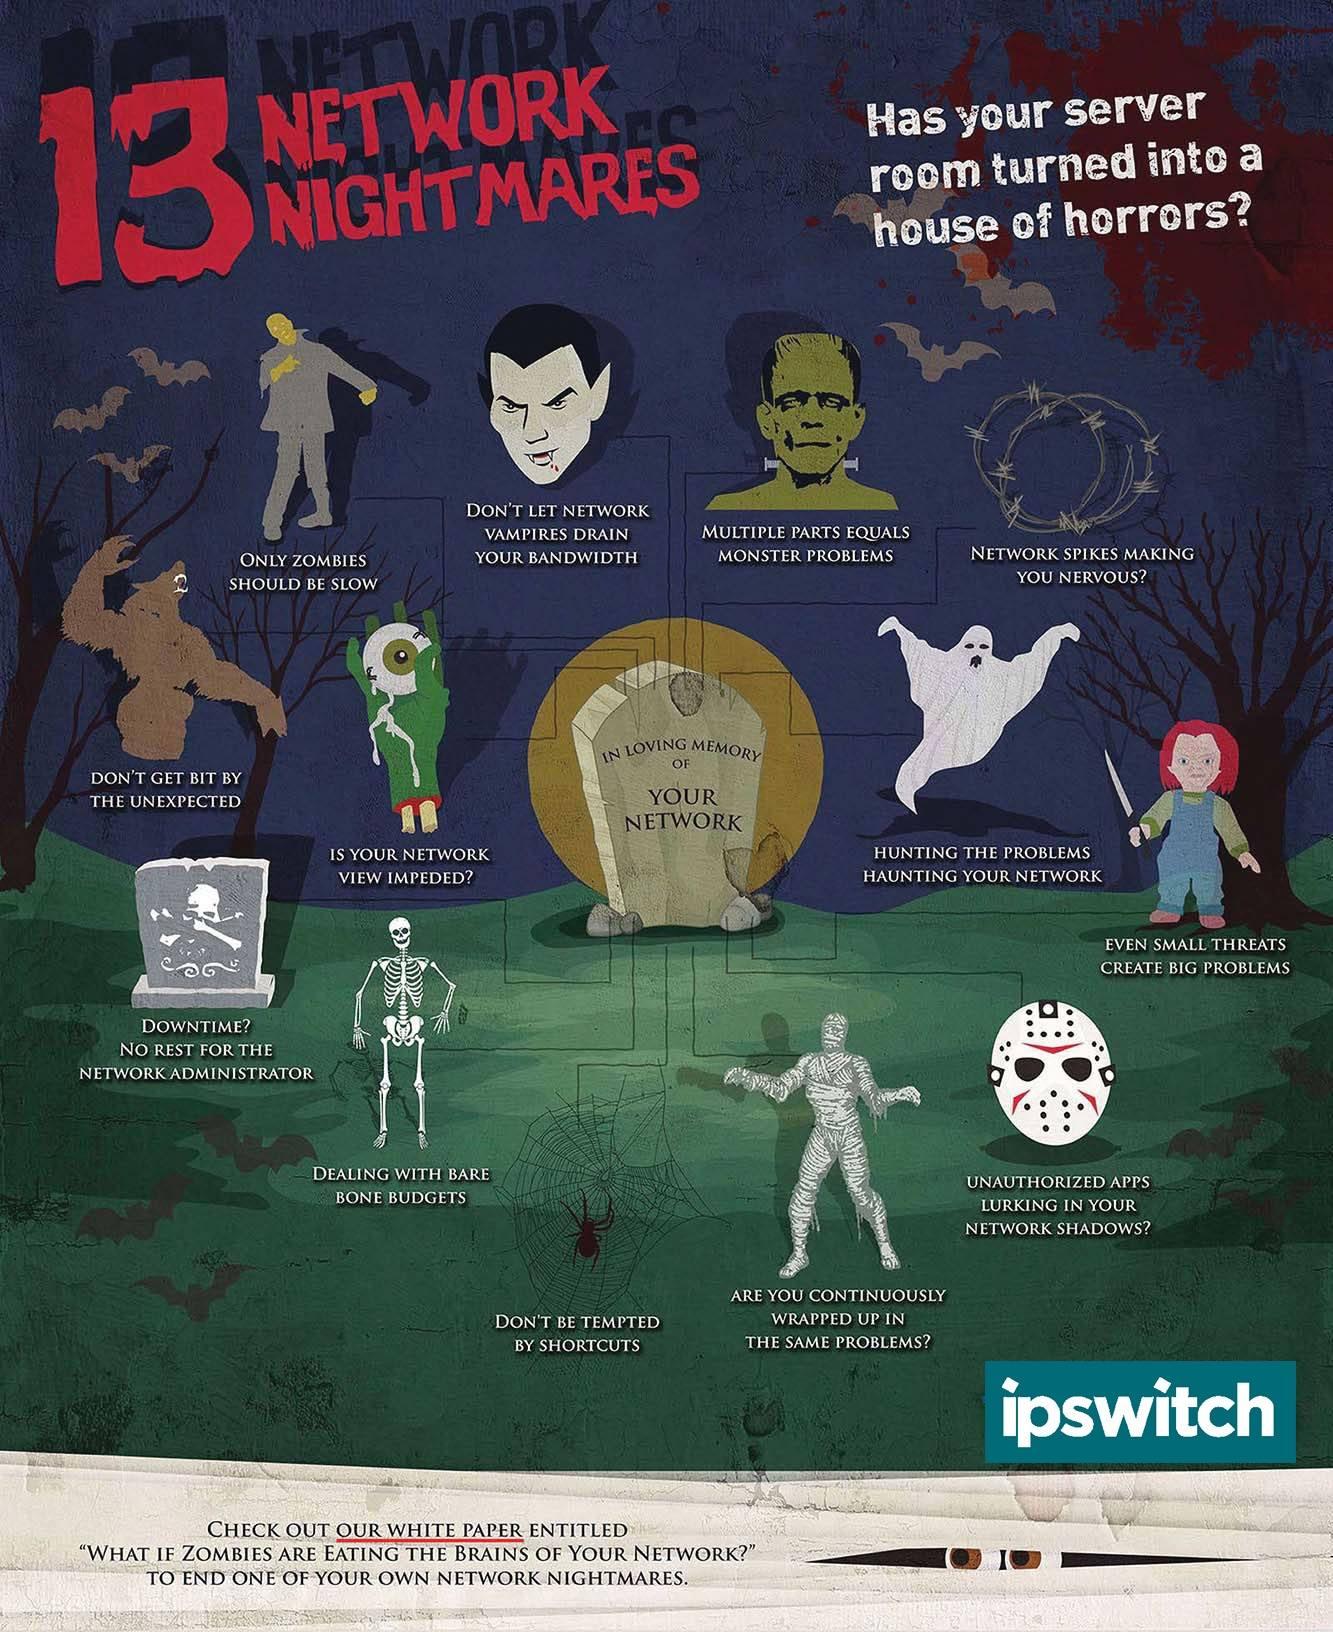 Halloween-Network-Nightmares_Ipswitch-2017.jpg